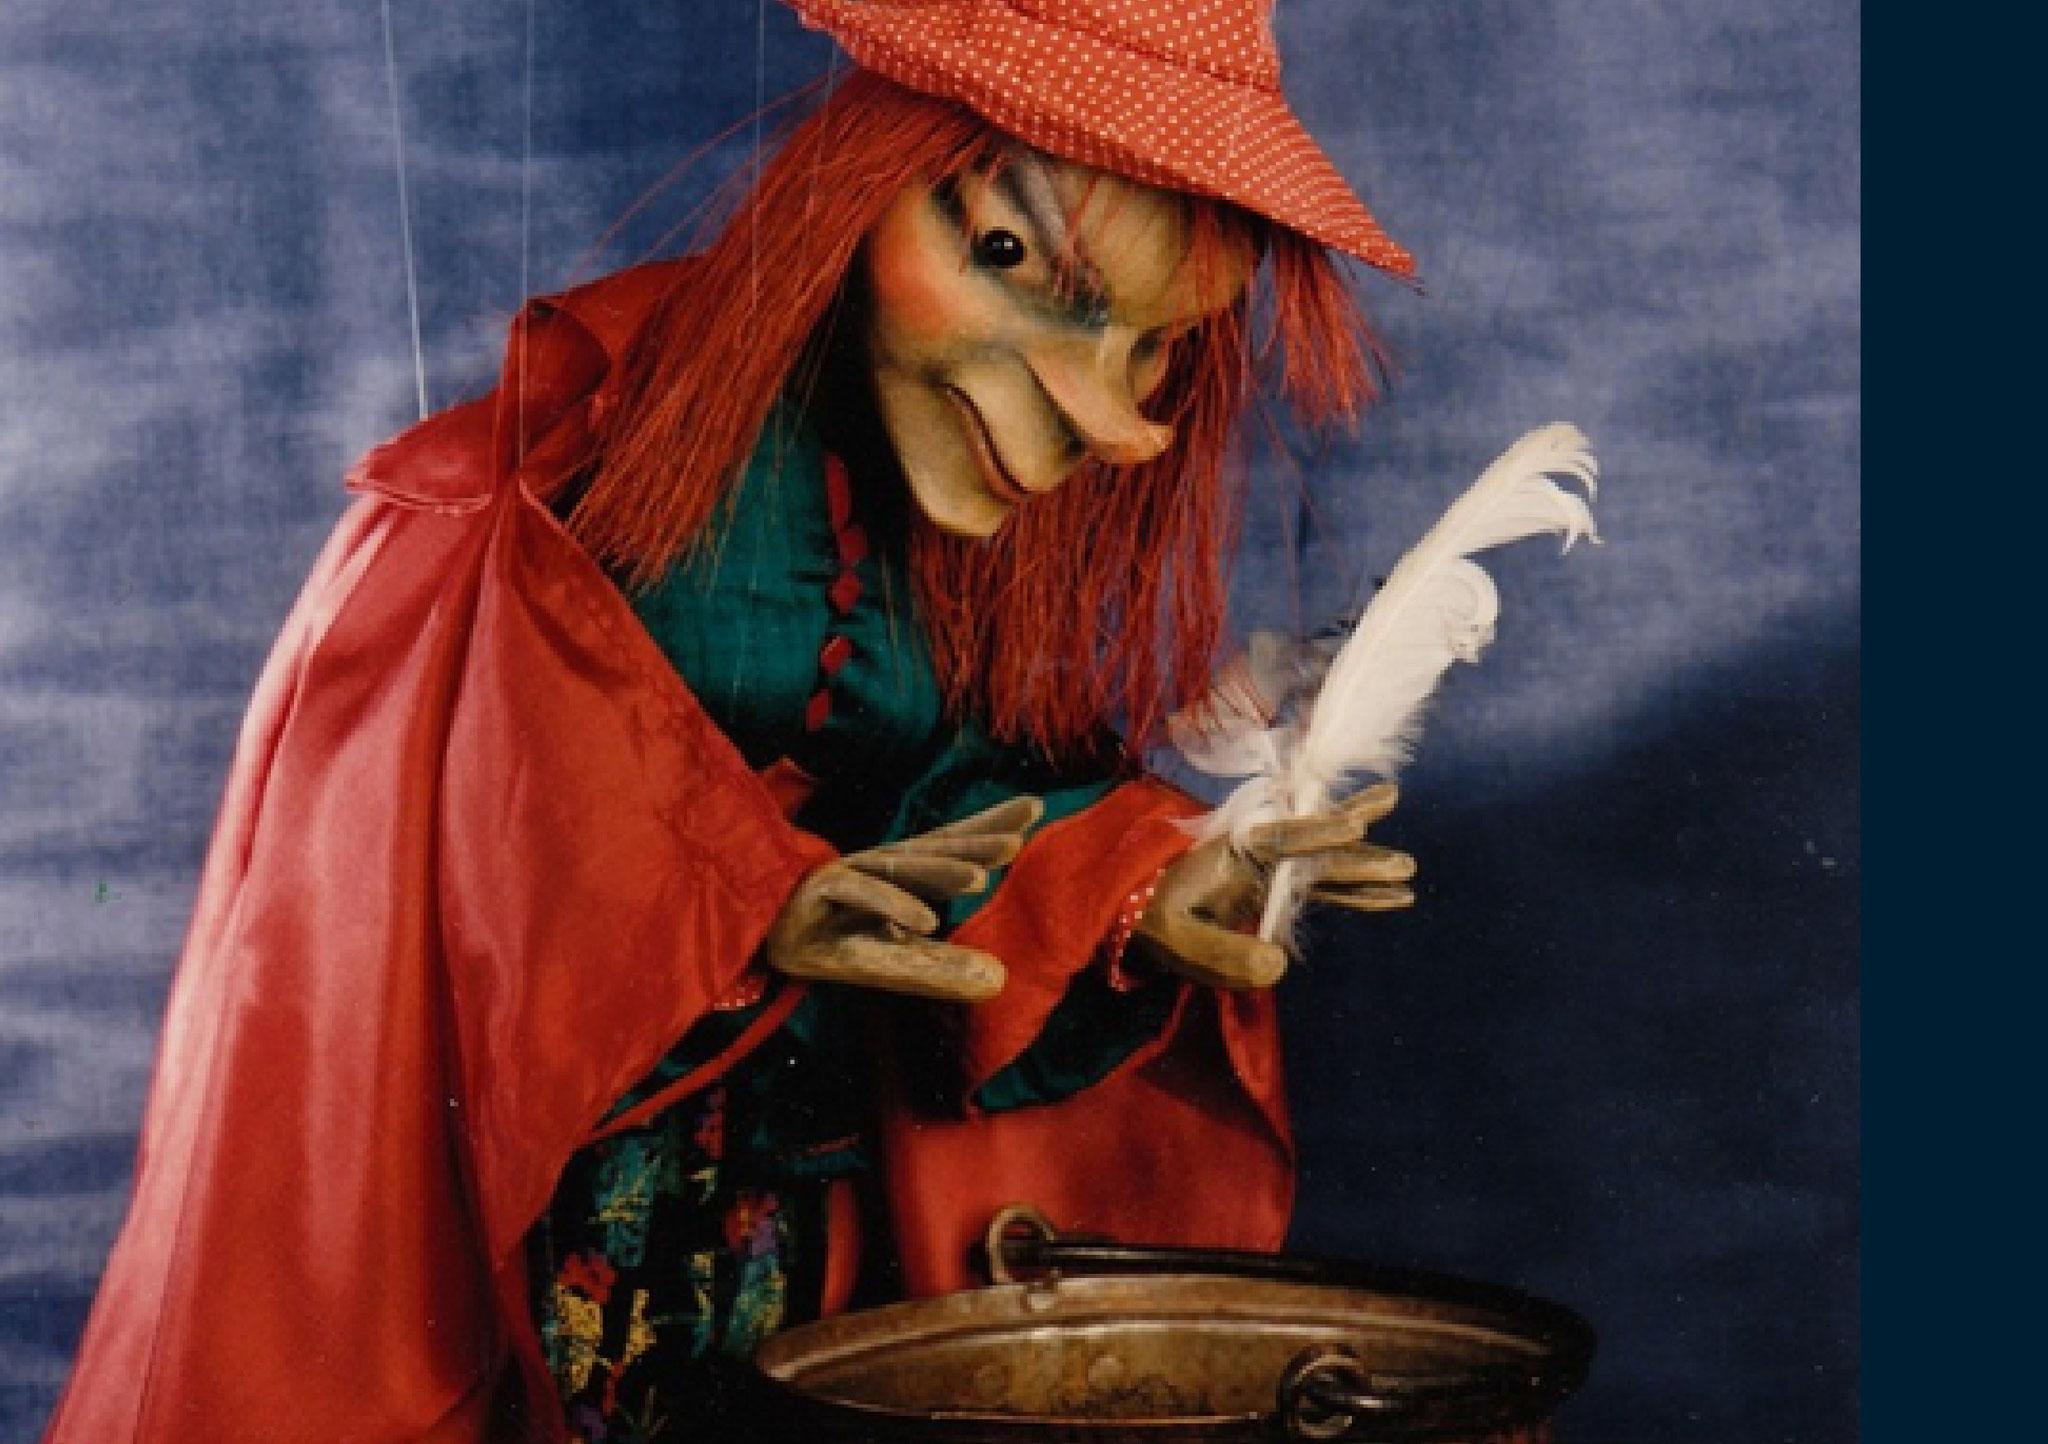 Eine junge Hexe auf dem Weg zum Blocksberg.